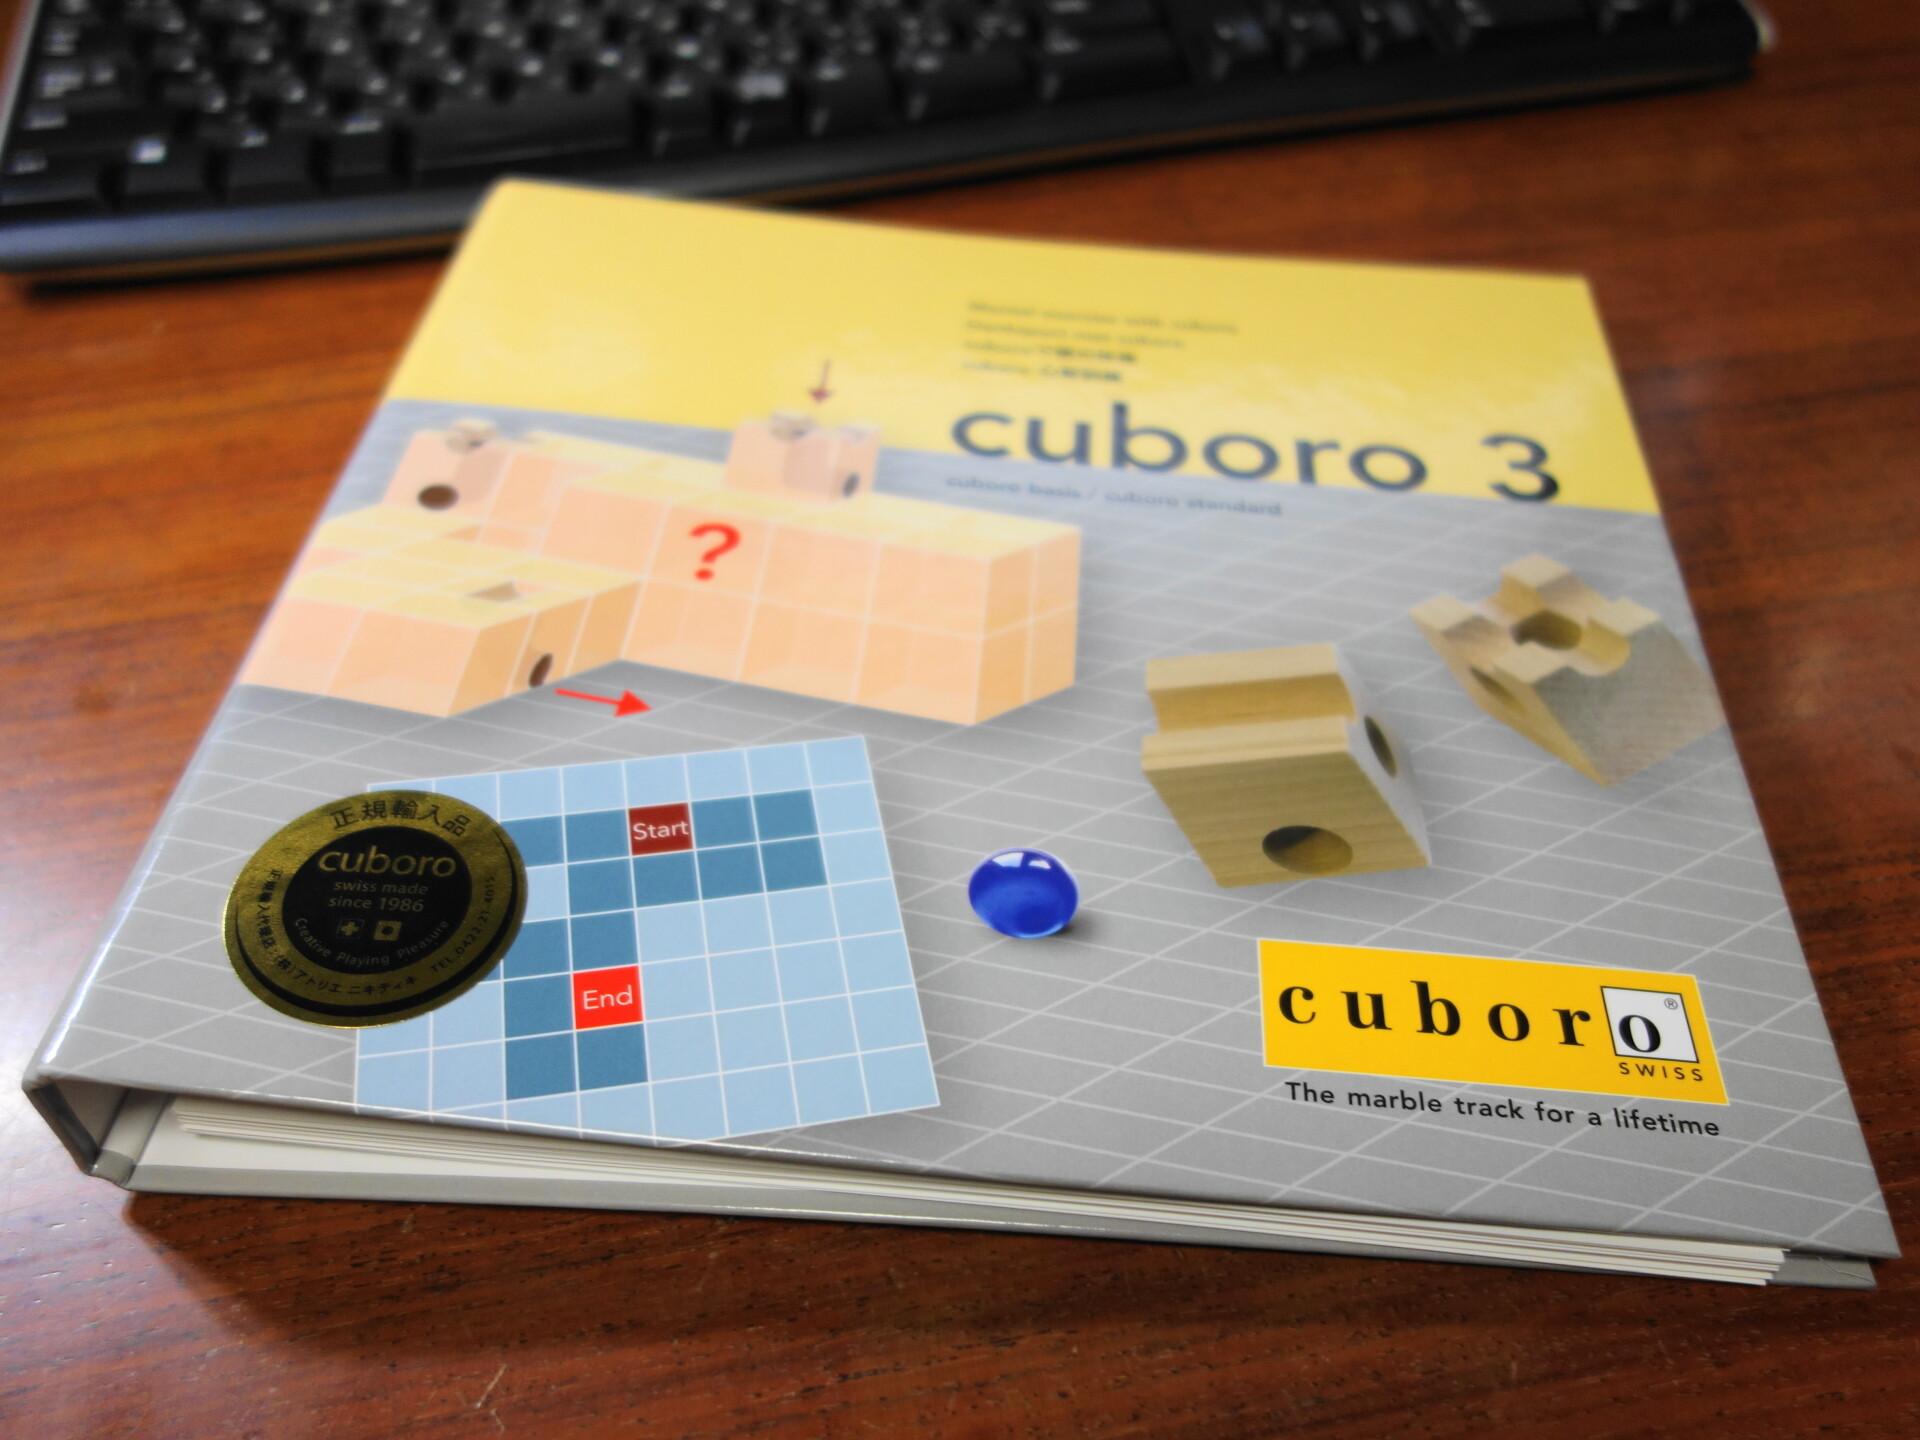 cuboro3の外観